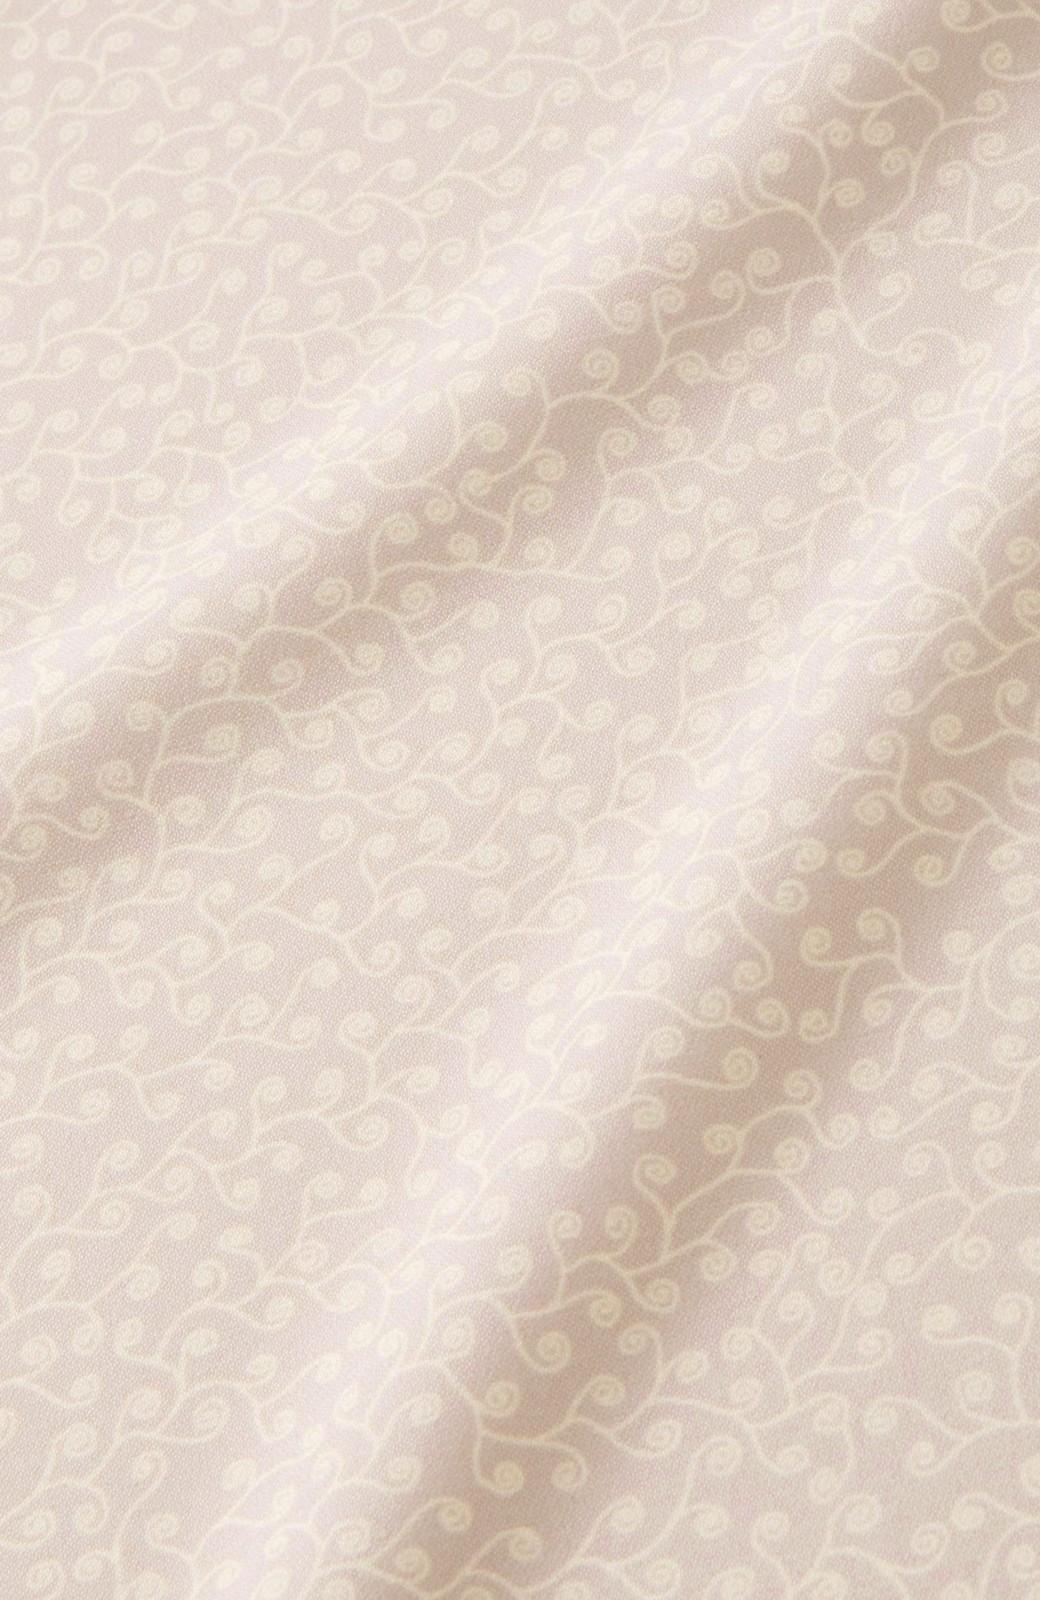 haco! UNICOLART tomoko [シダ] プルオーバーブラウス <ベージュ>の商品写真7